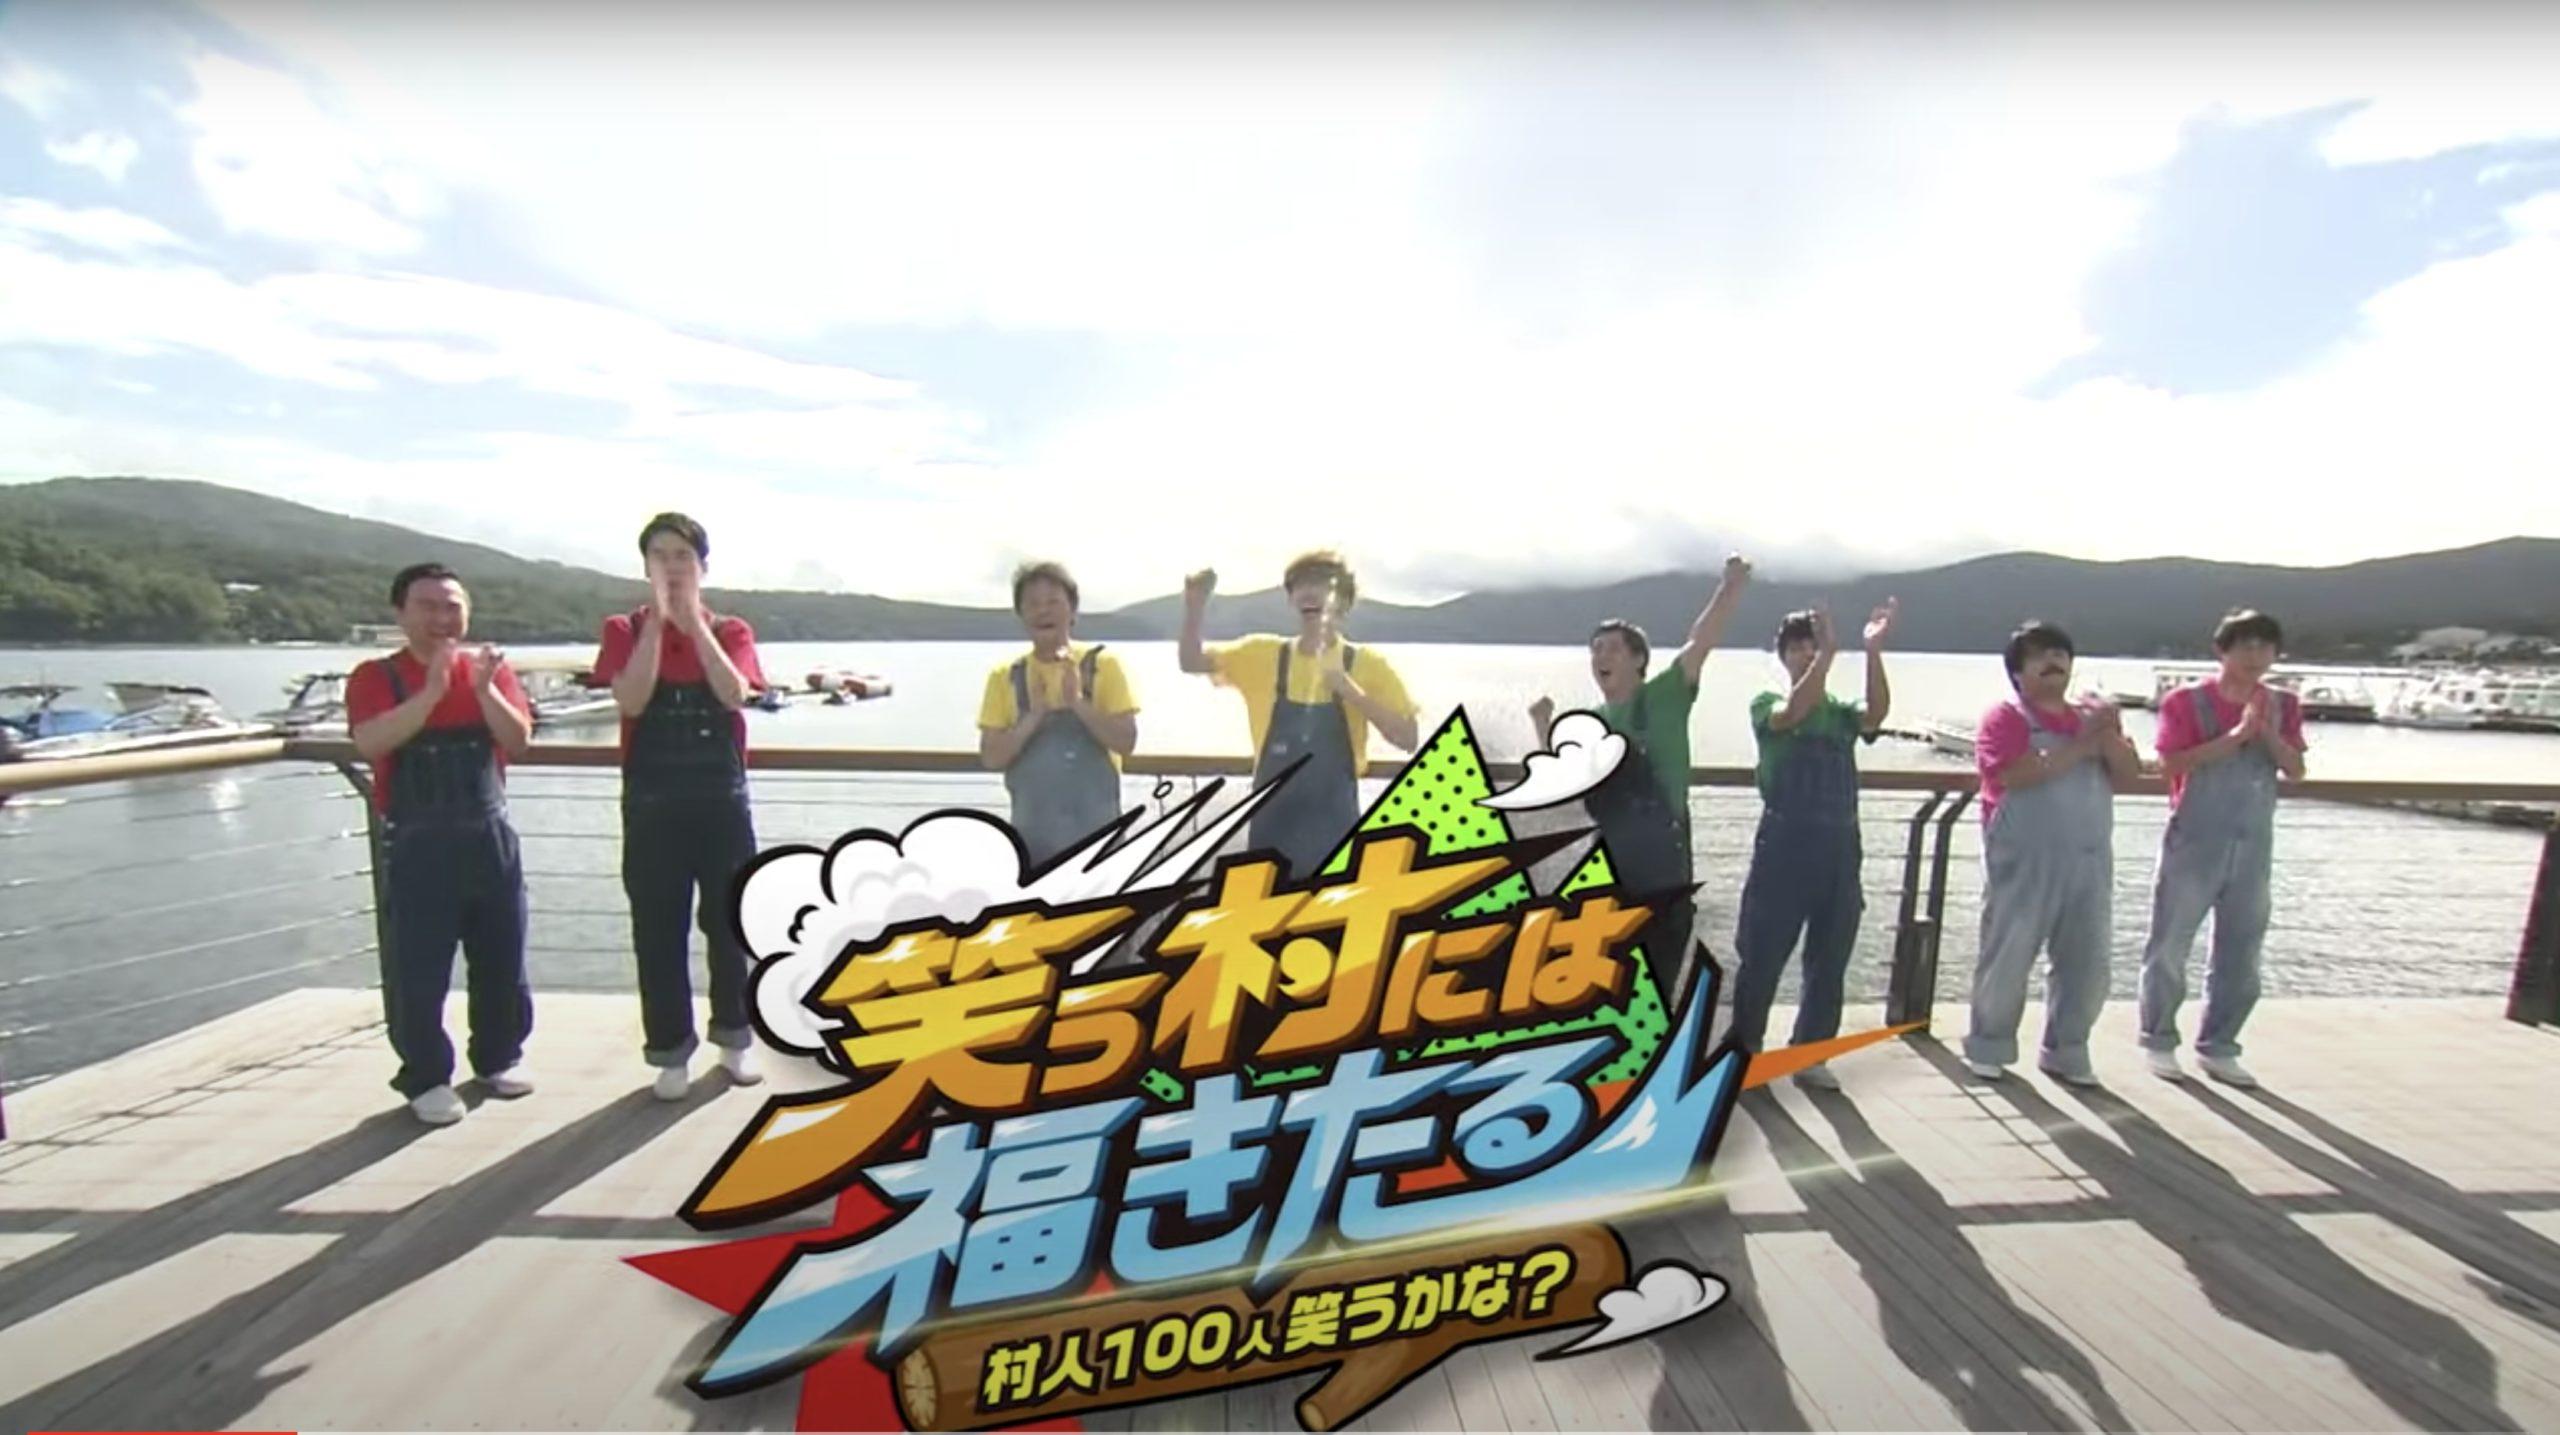 村人100人笑うかな?(9月28日)の無料動画や見逃し配信をフル視聴する方法!